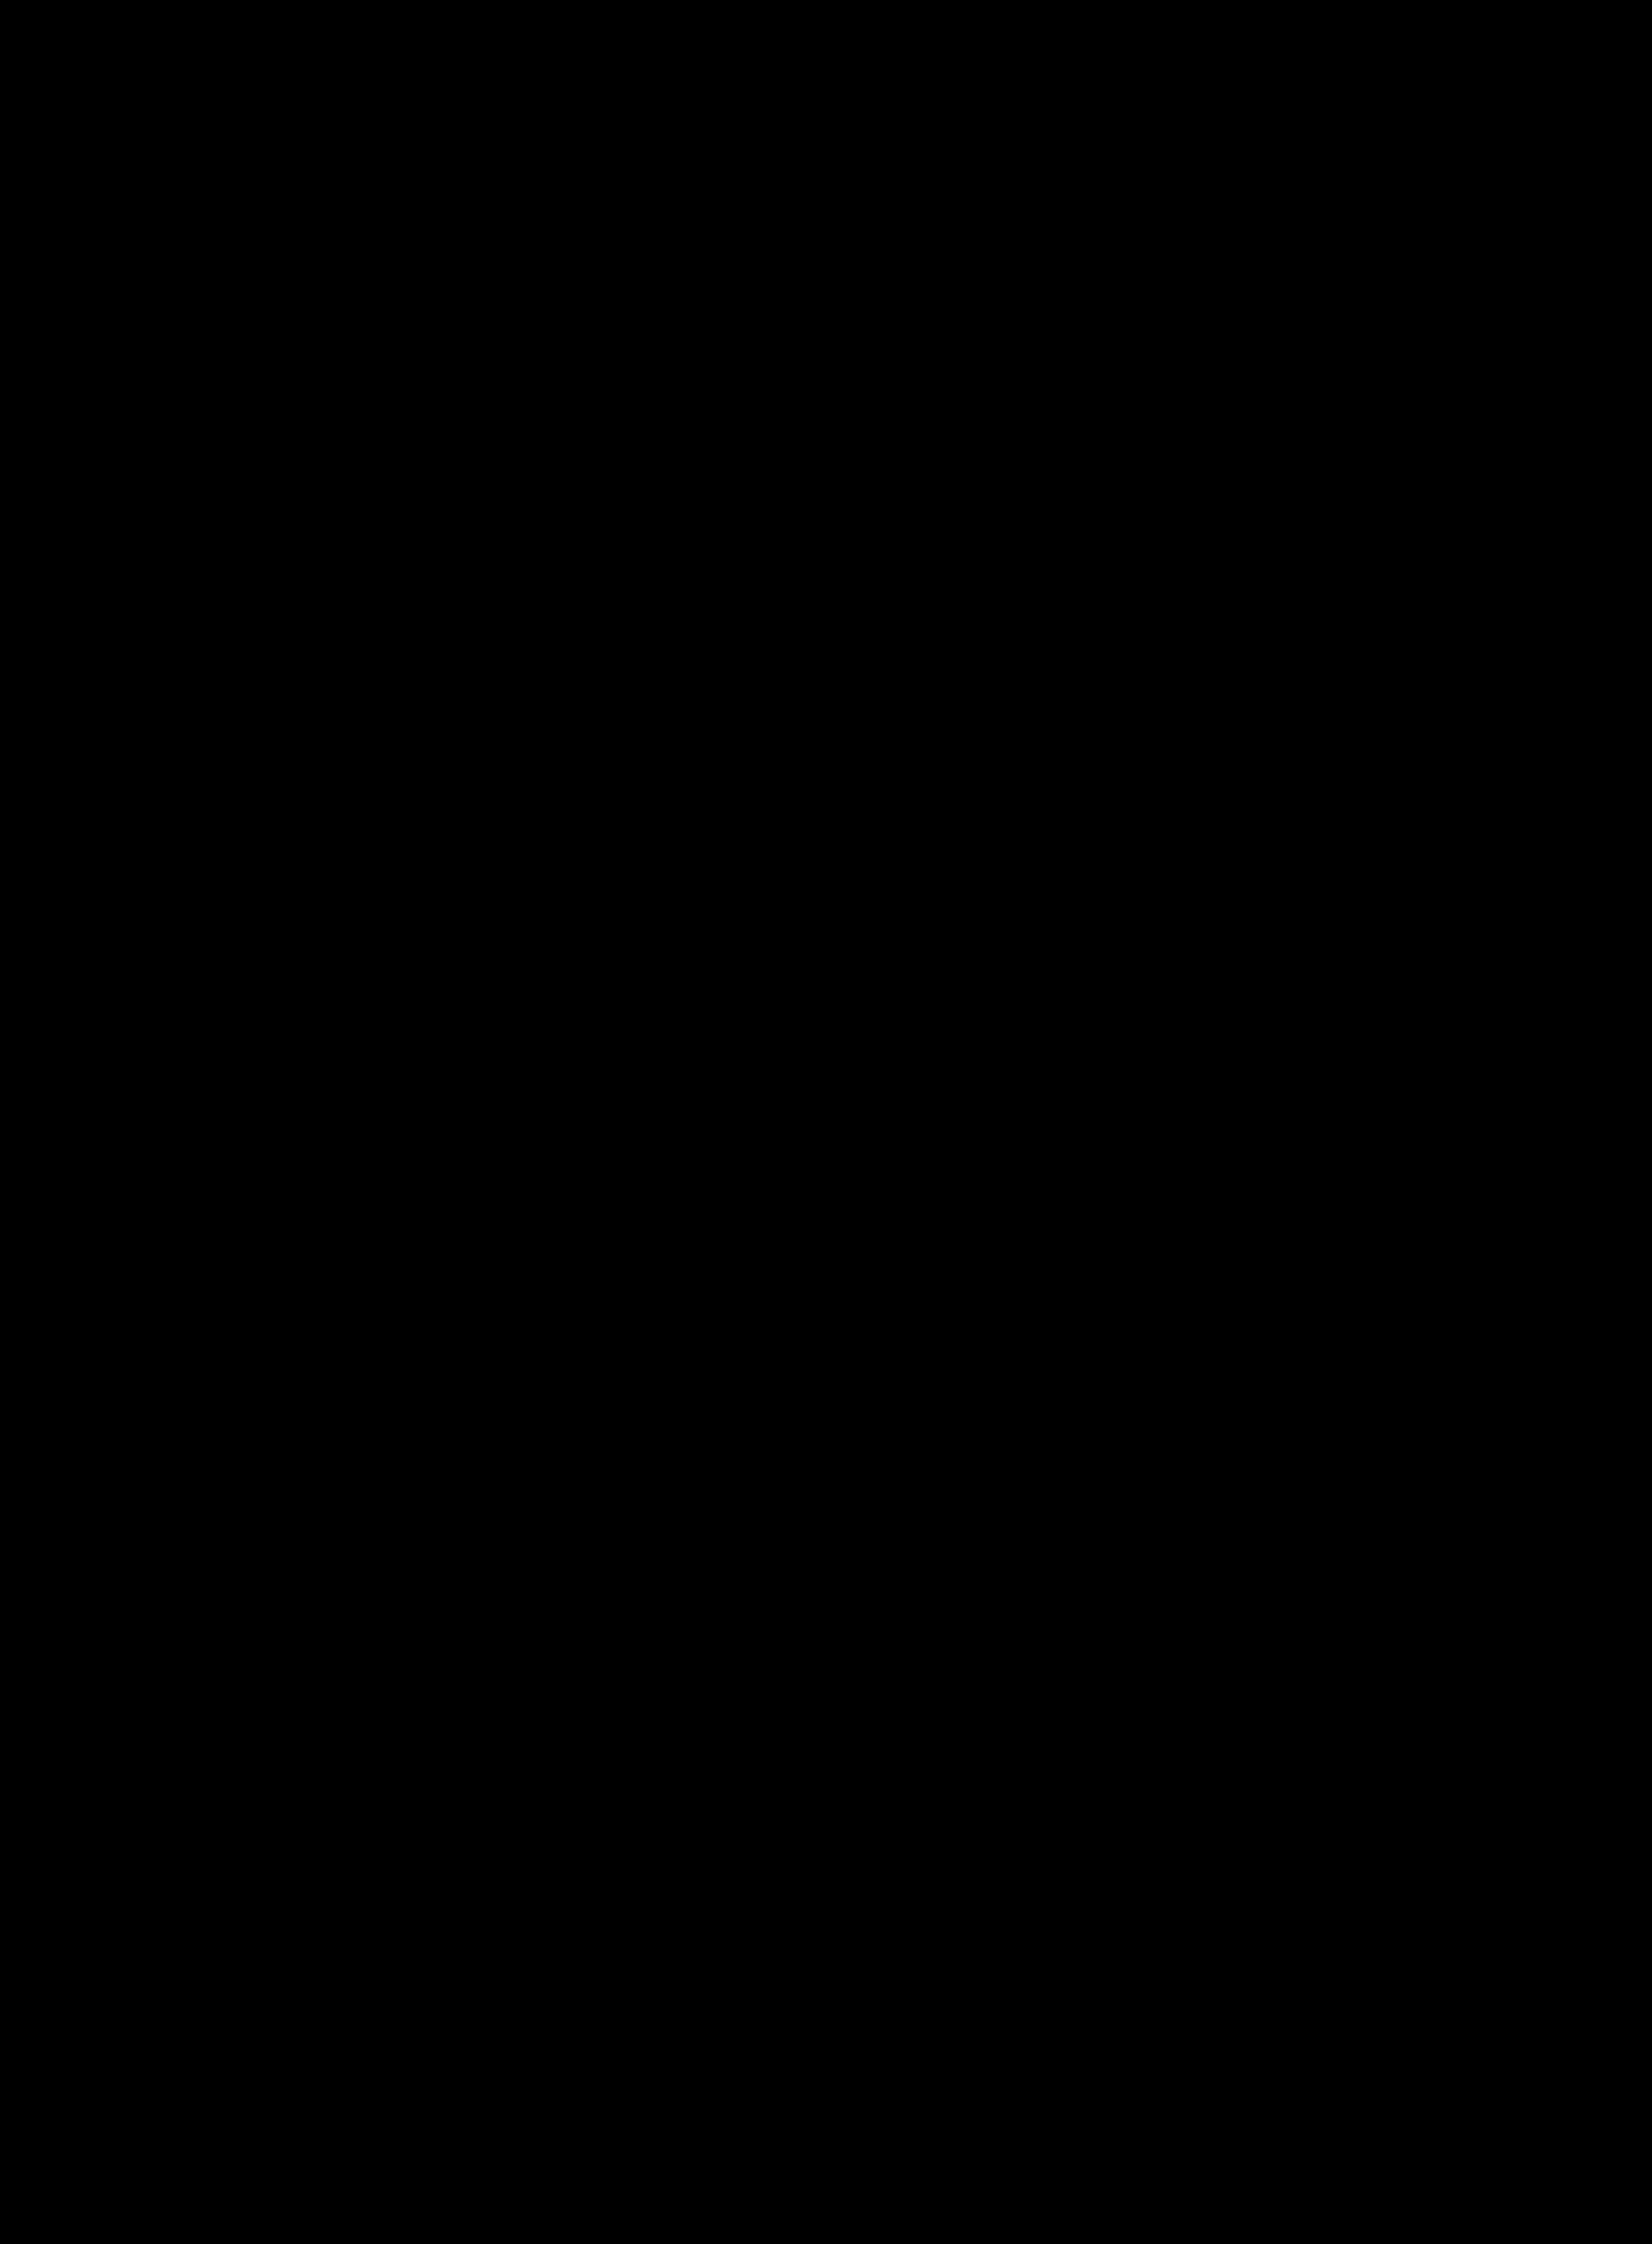 Бесплатное порно видео, фото, голые девушки, русские ...